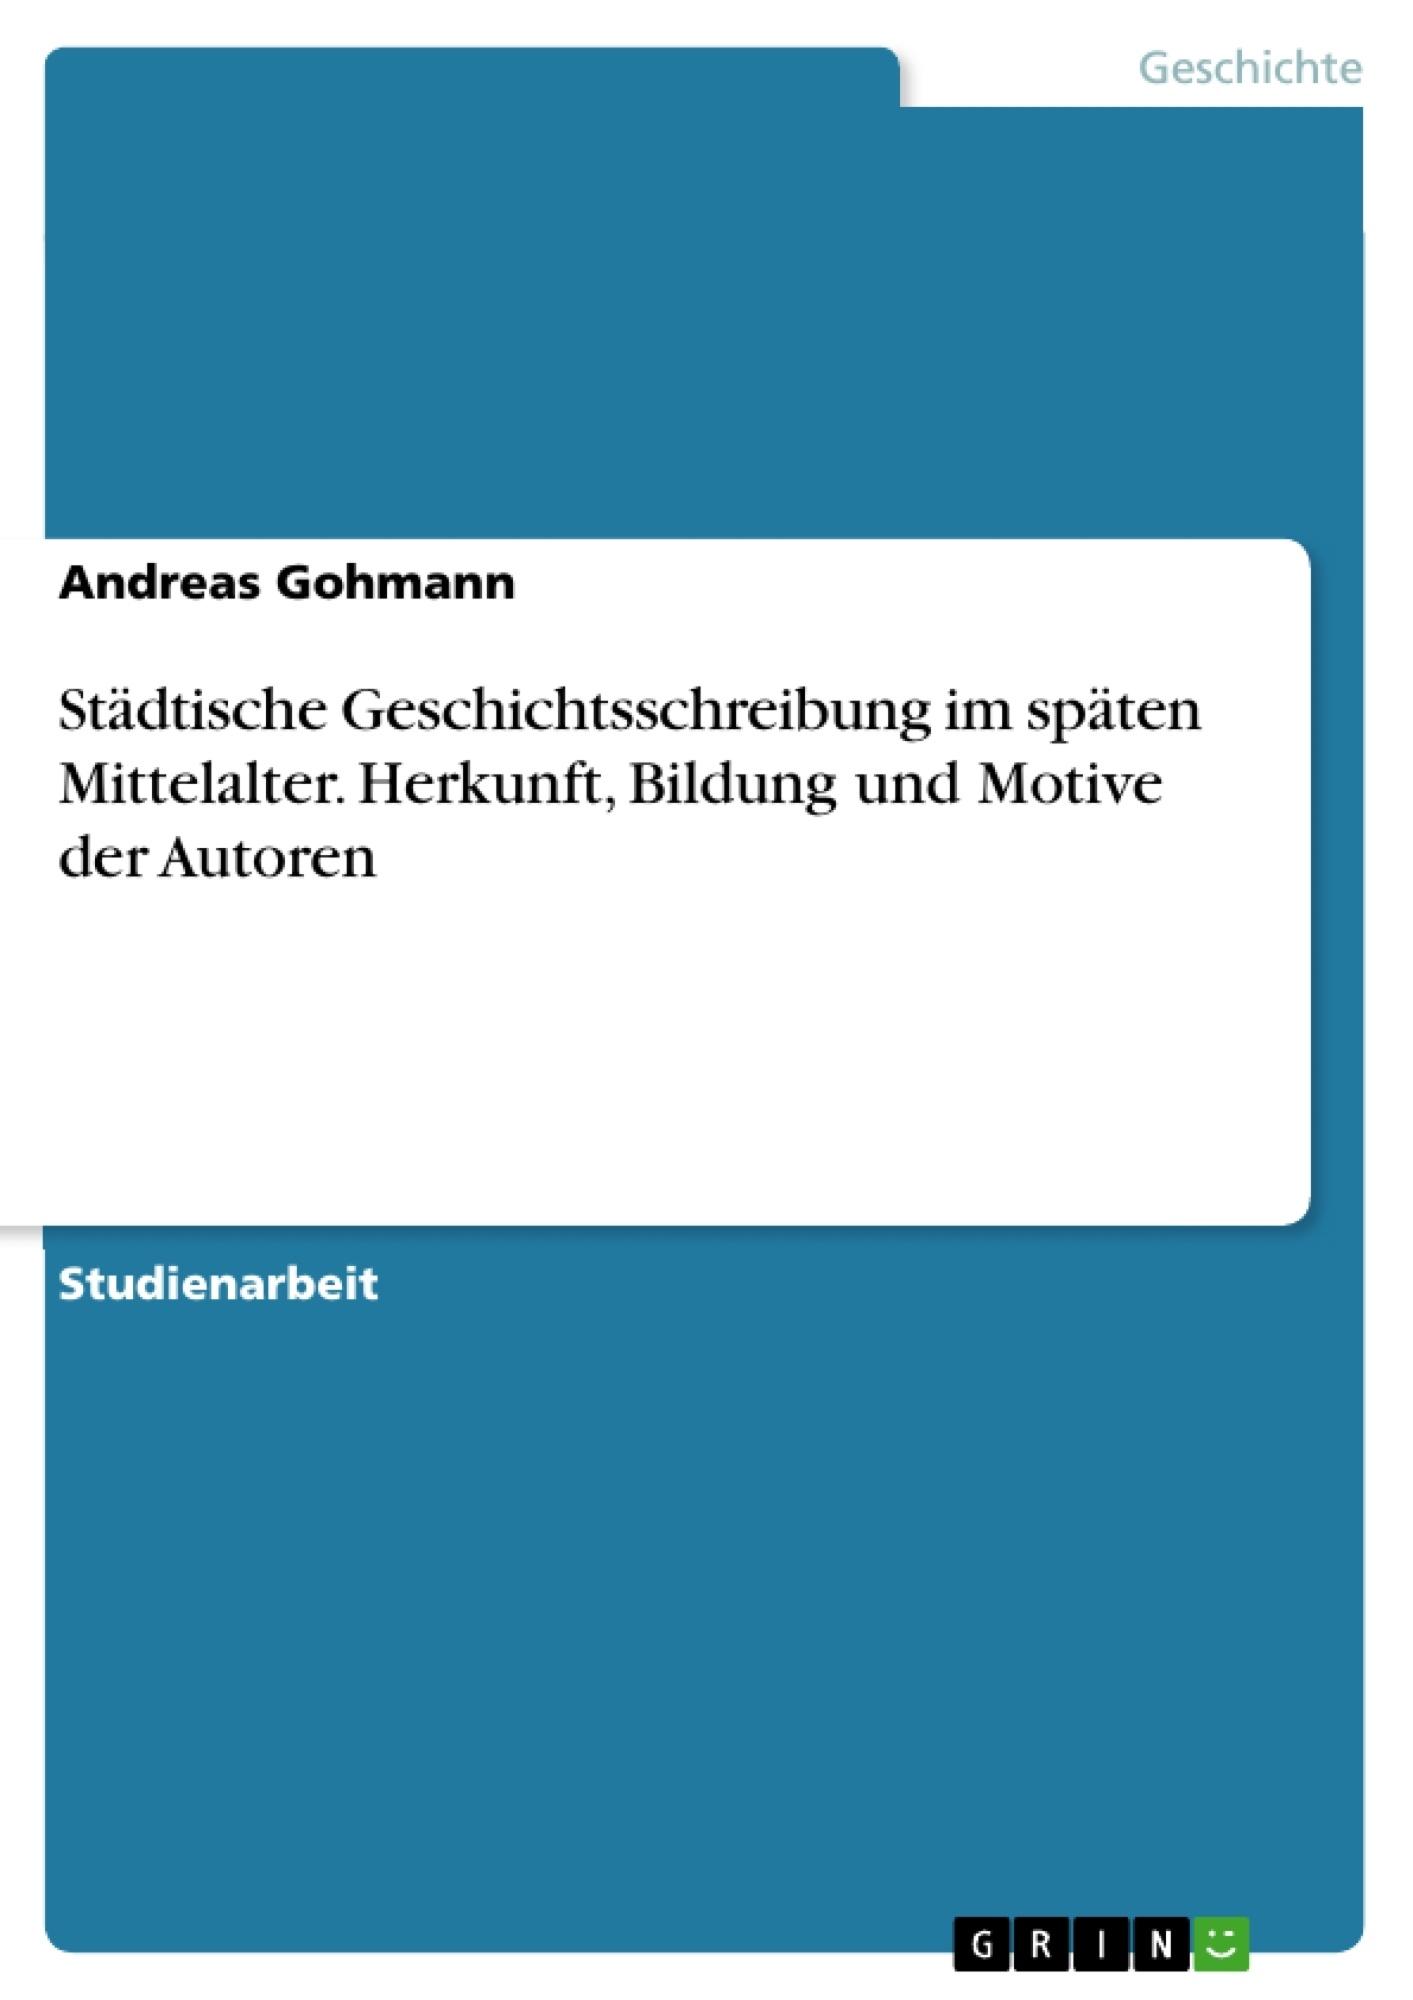 Titel: Städtische Geschichtsschreibung im späten Mittelalter. Herkunft, Bildung und Motive der Autoren